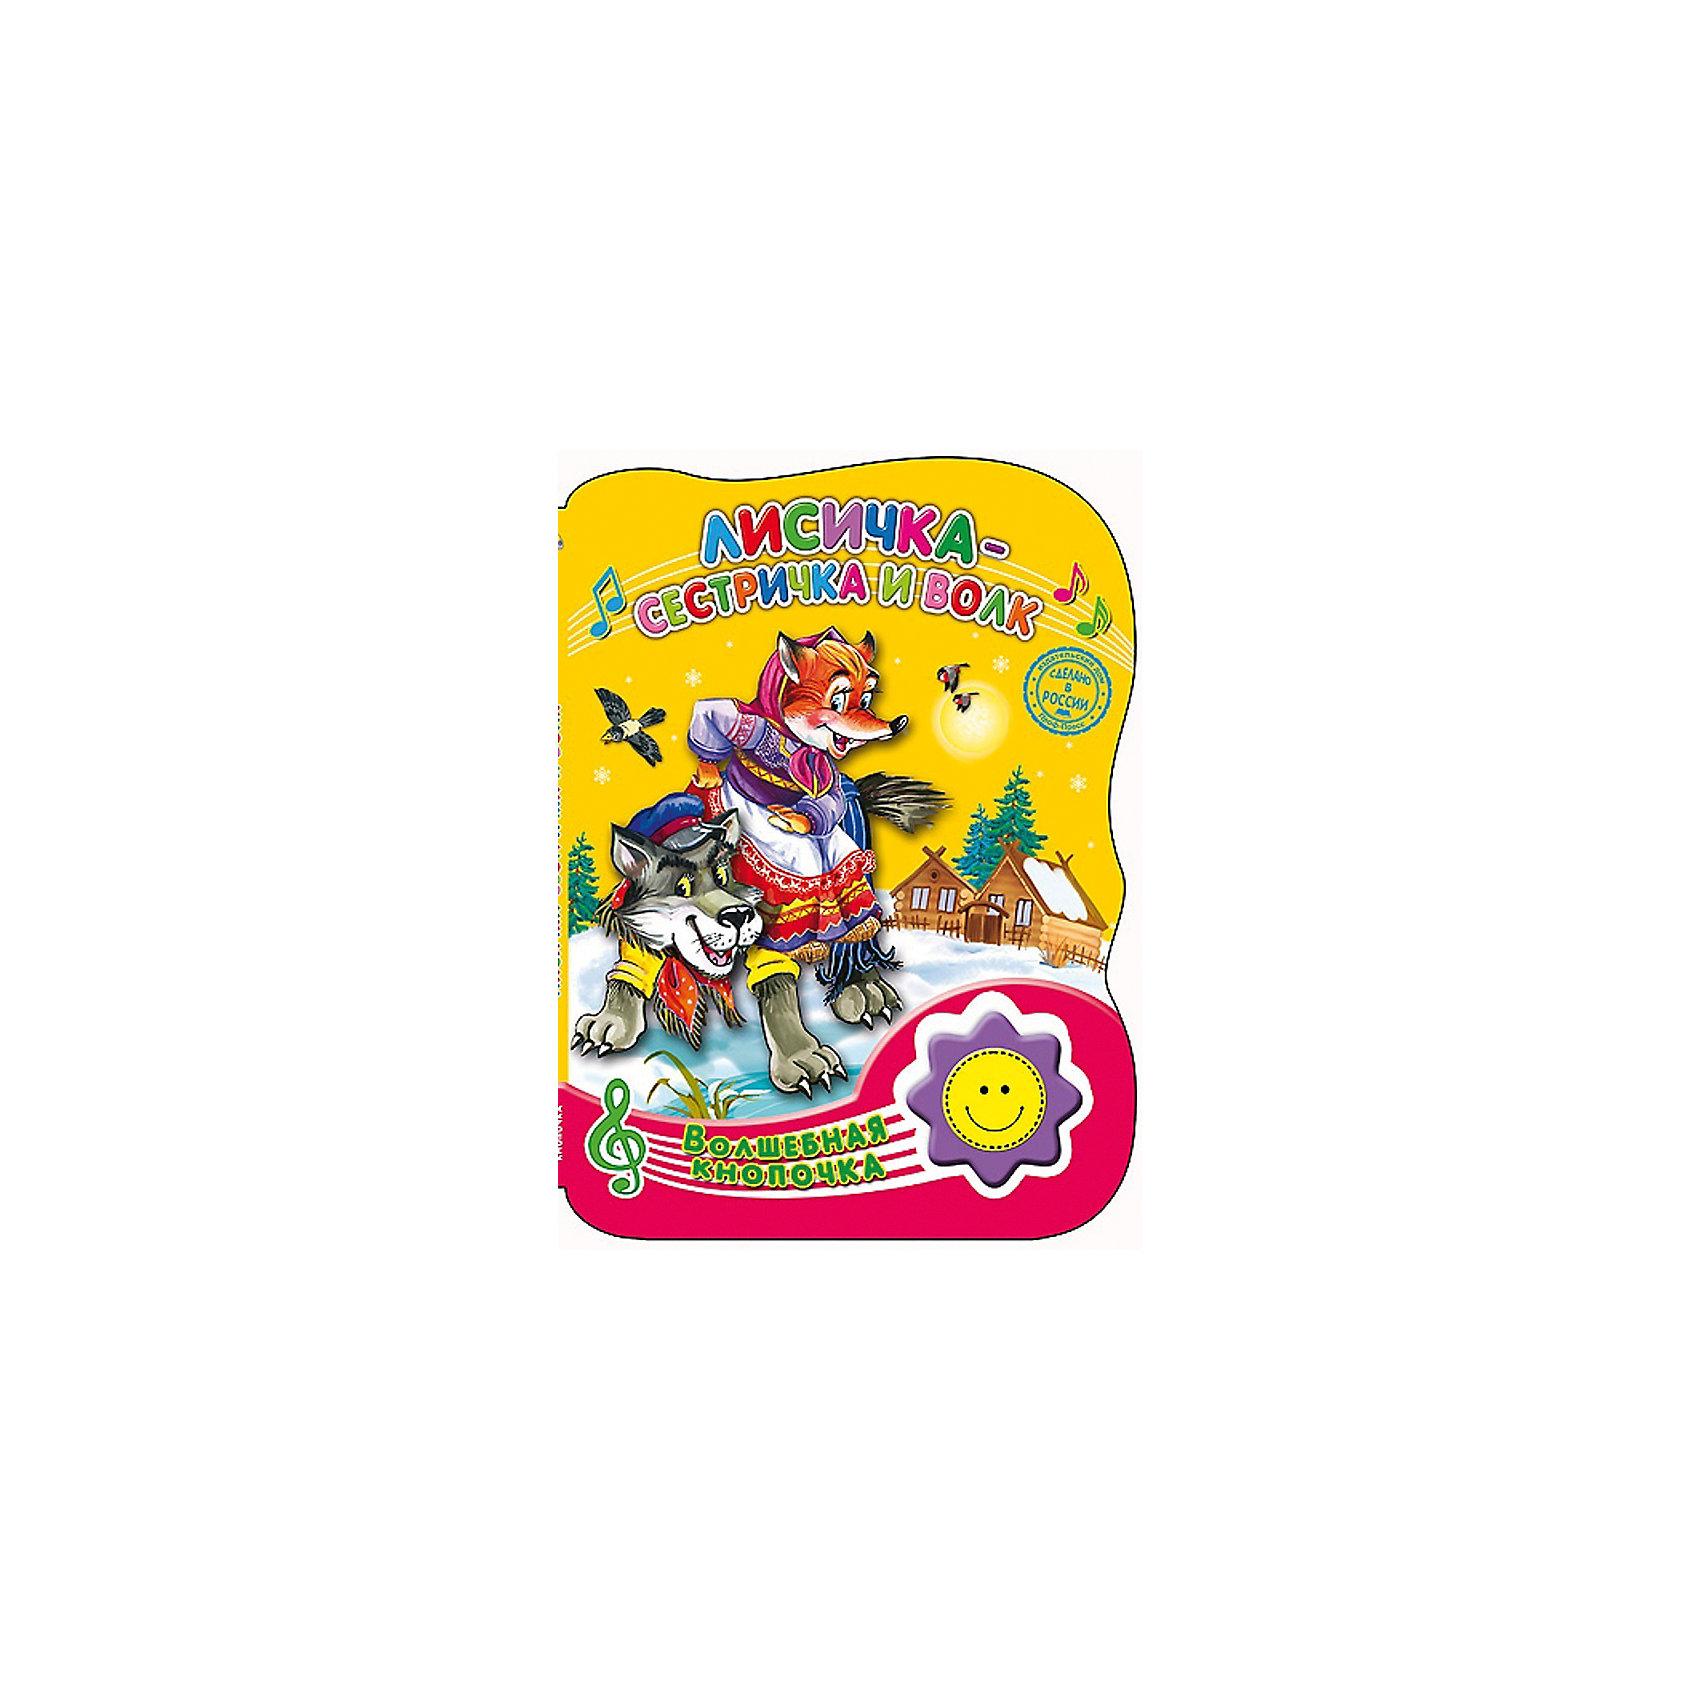 Лисичка-сестричка и волк, Волшебная кнопочкаЕсть сказки, проверенные многими поколениями, которые понравятся и современным детям. Книги - это лучший подарок не только взрослым, они помогают детям познавать мир и учиться читать, также книги позволяют ребенку весело проводить время. Они также стимулируют развитие воображения, логики и творческого мышления.<br>Это издание сделано специально для самых маленьких - с плотными страничками и звуковым модулем, который будет сопровождать сказку песенками и музыкой. Яркие картинки обязательно понравятся малышам! Книга сделана из качественных и безопасных для детей материалов.<br>  <br>Дополнительная информация:<br><br>страниц: 8; <br>размер: 212x155x25 мм;<br>вес: 200 г.<br><br>Книгу со звуковым модулем Волшебная кнопочка.  Лисичка-сестричка и волк от издательства Проф-Пресс можно купить в нашем магазине.<br><br>Ширина мм: 155<br>Глубина мм: 20<br>Высота мм: 210<br>Вес г: 200<br>Возраст от месяцев: 0<br>Возраст до месяцев: 60<br>Пол: Унисекс<br>Возраст: Детский<br>SKU: 4787247